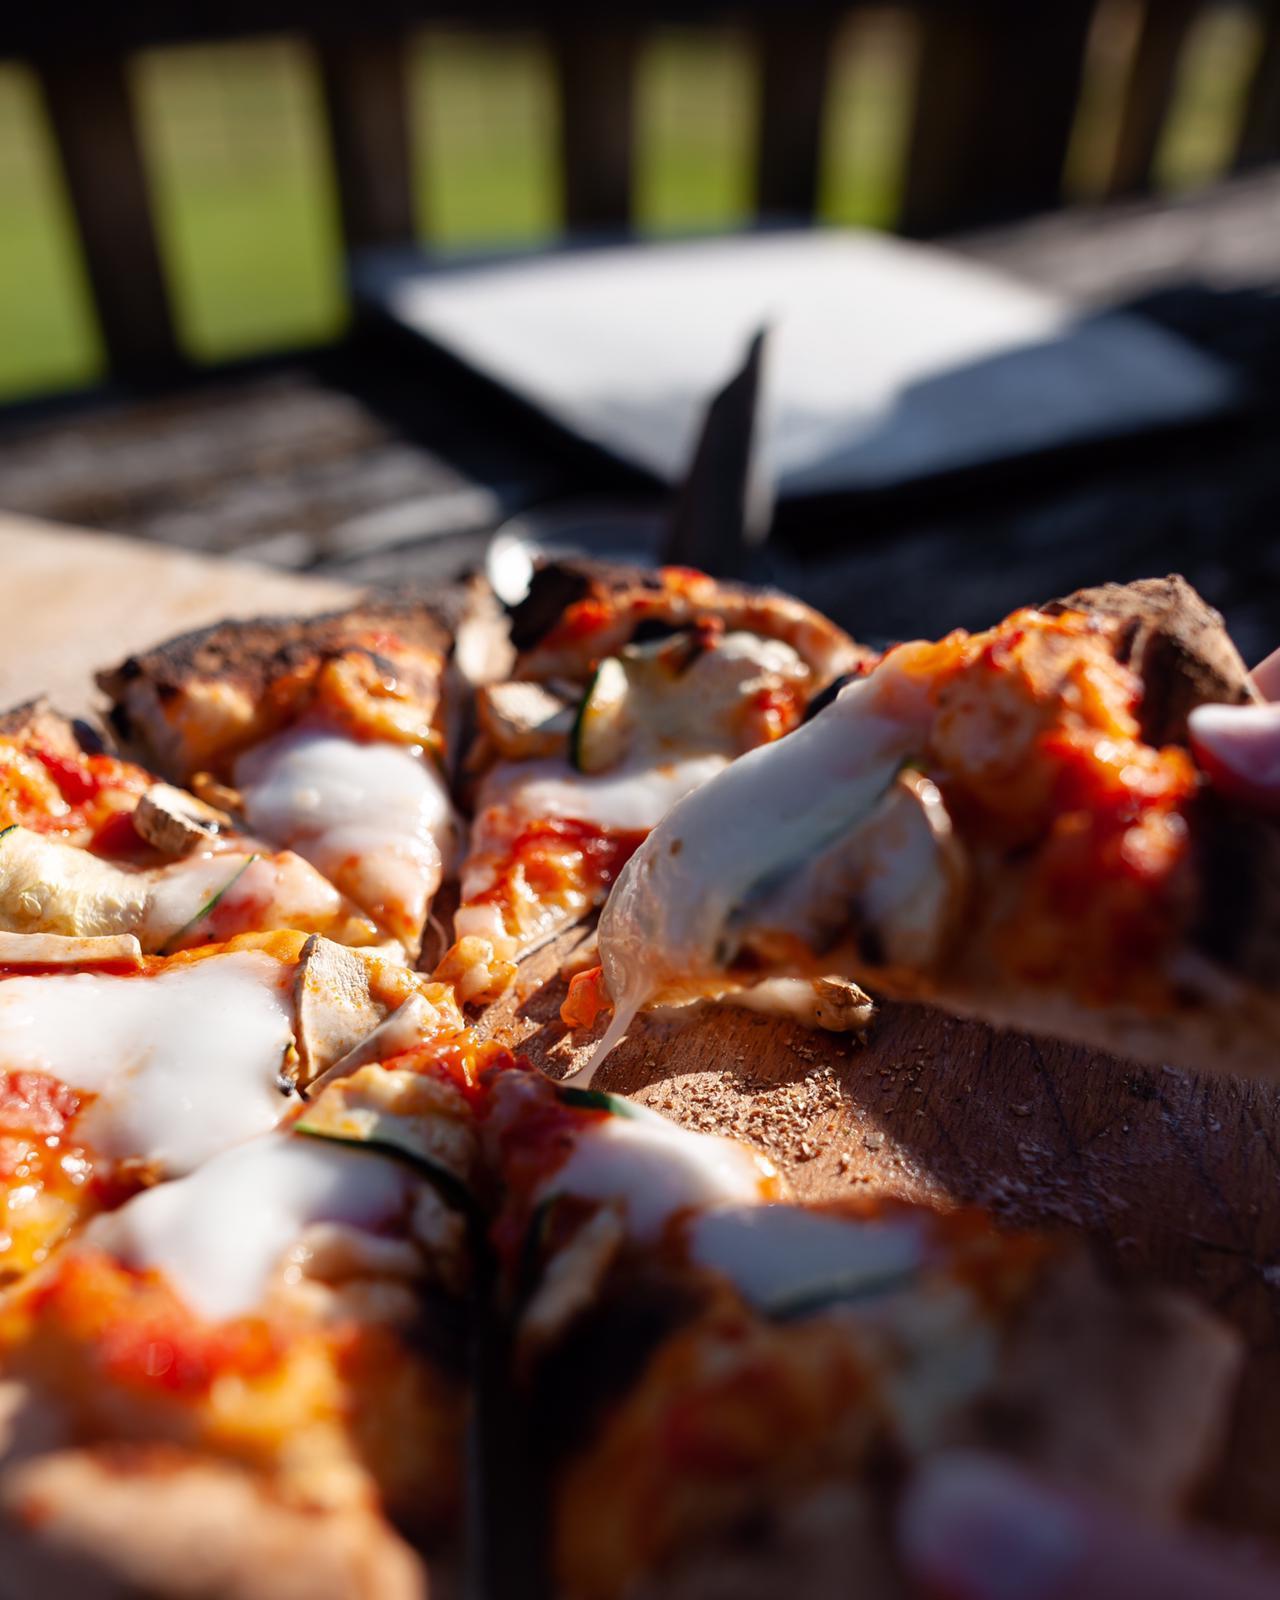 Mozzarella: Plastic Free & Vegan